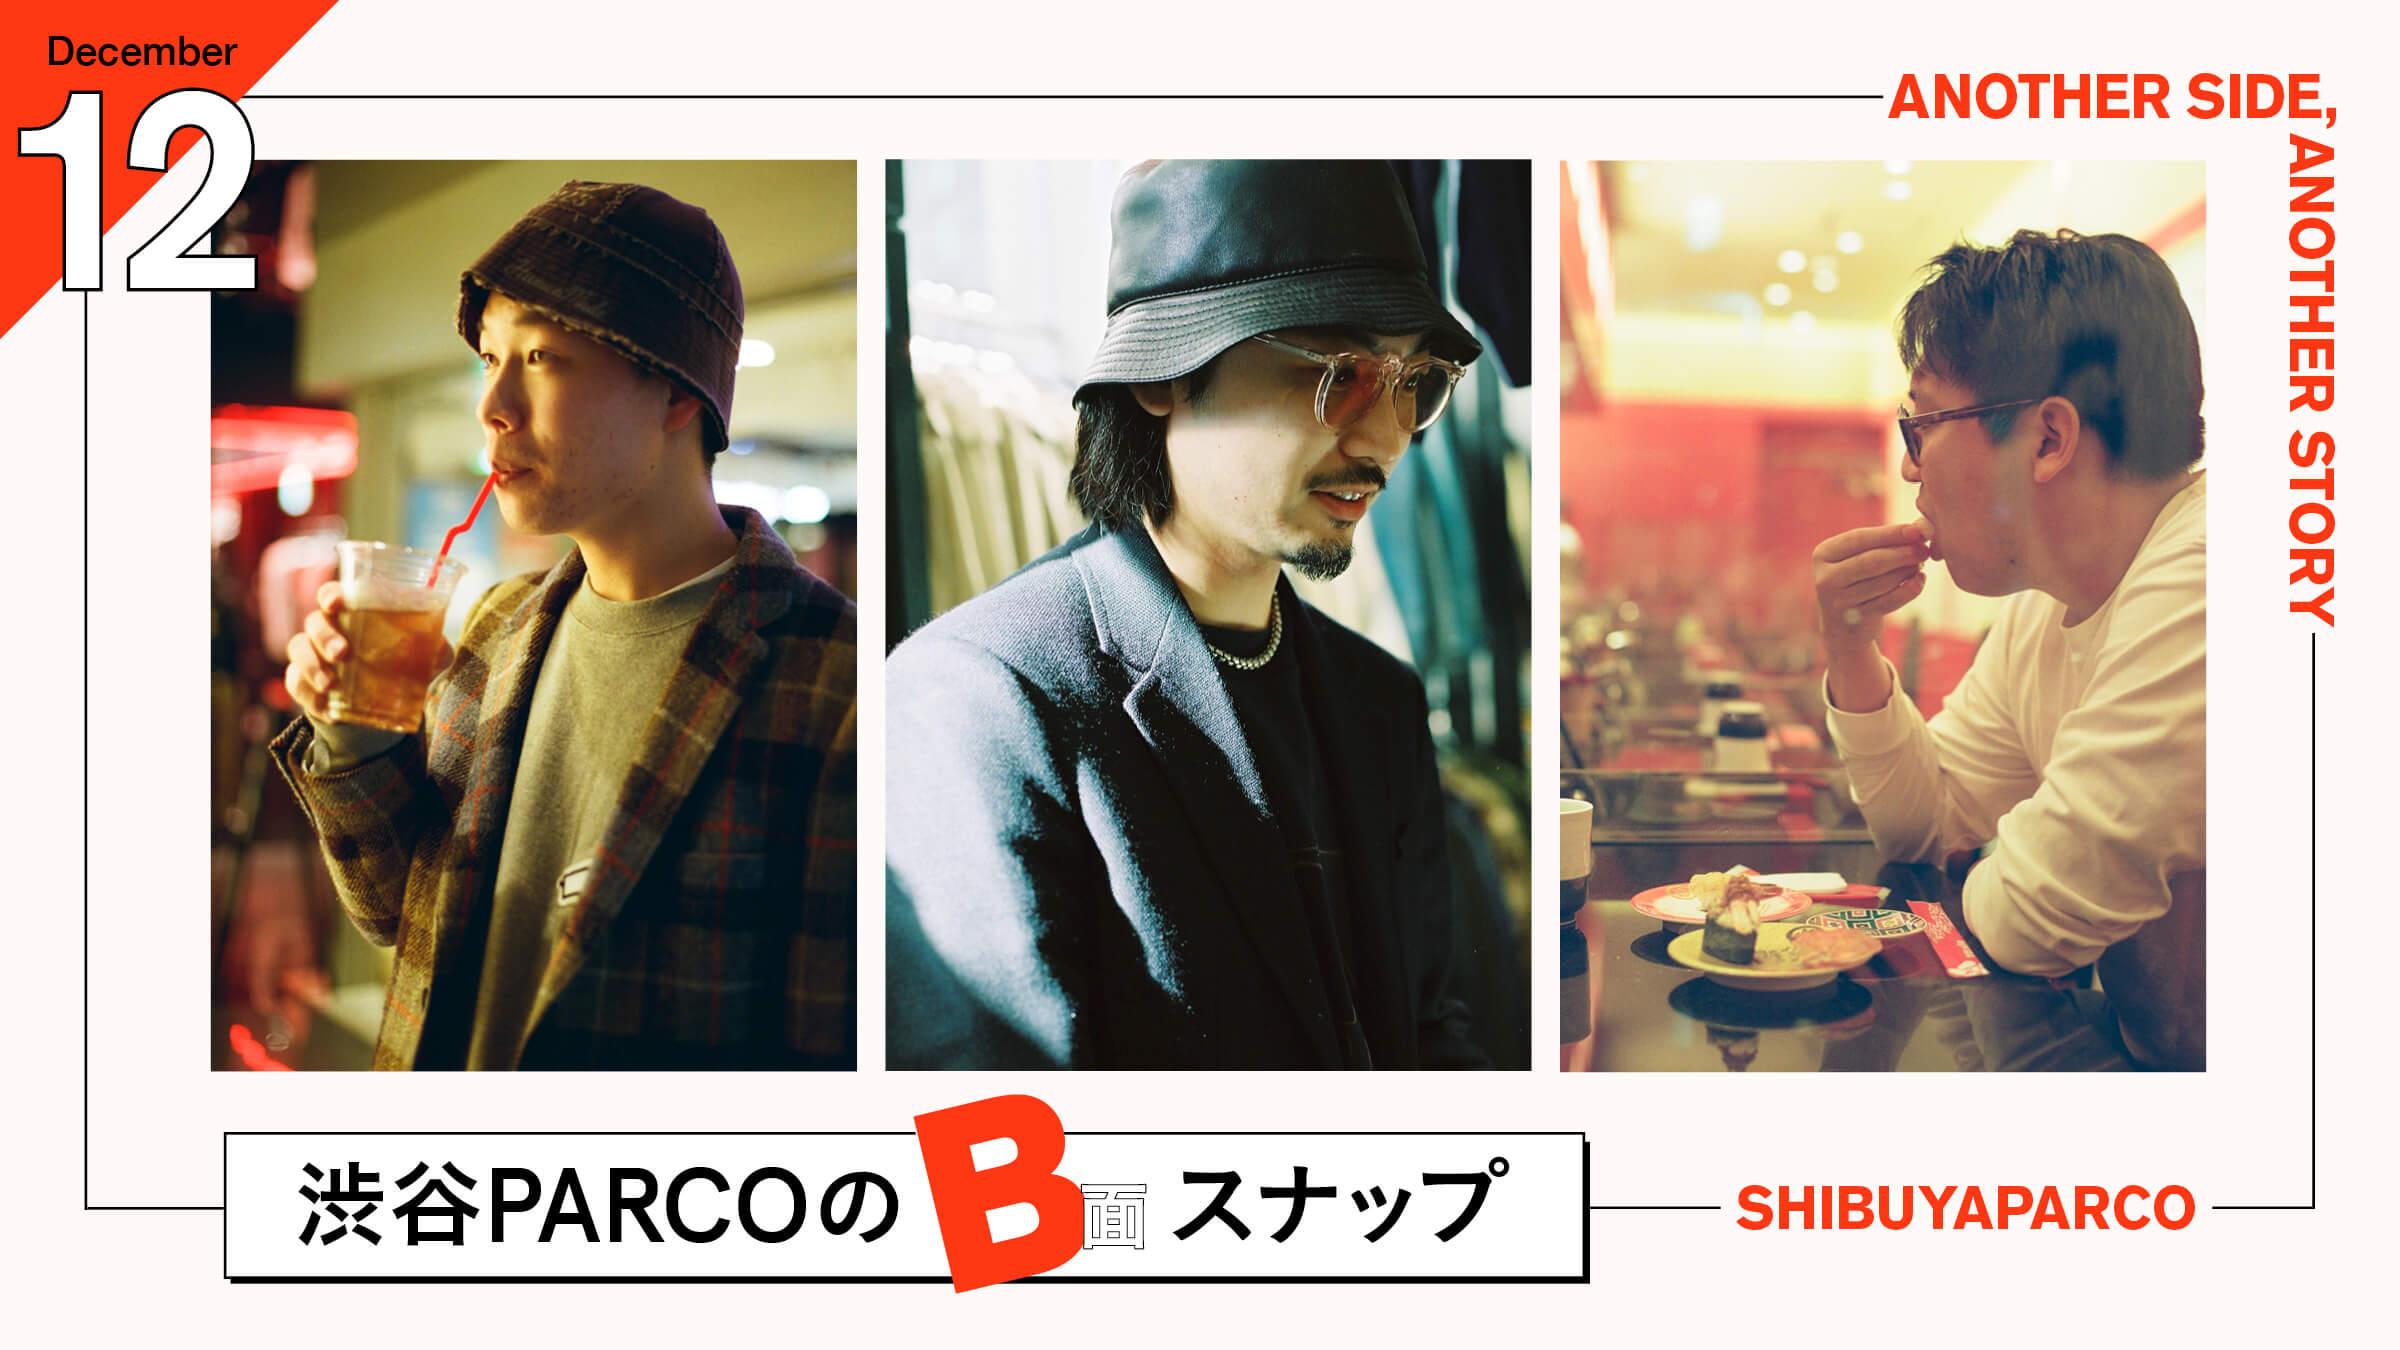 働く人ならどう遊ぶ? 渋谷PARCOのB面スナップ。〜12月編〜